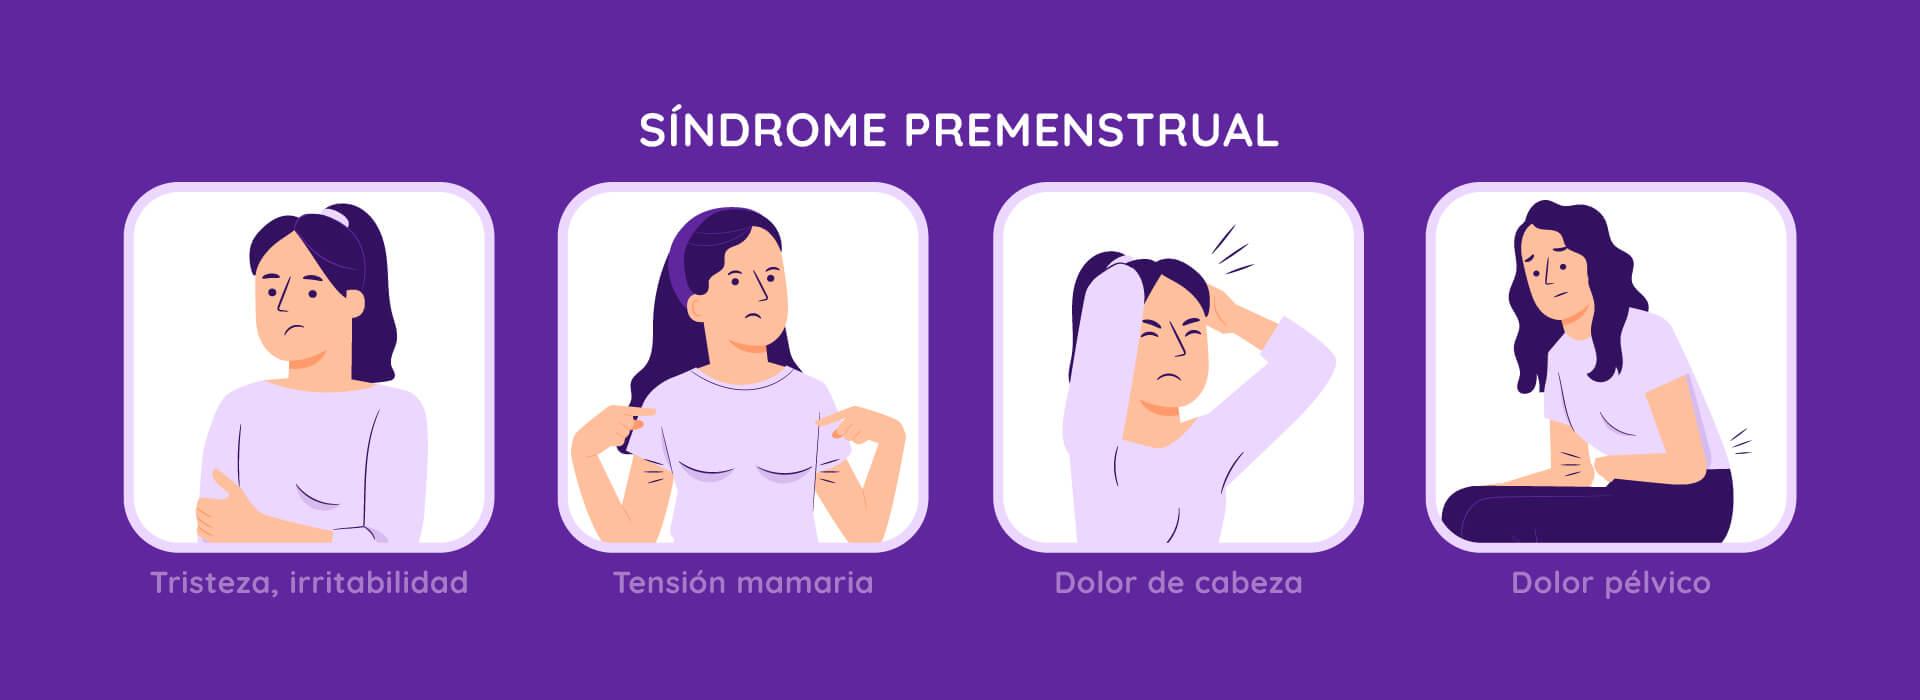 Ilustración que detalla los 4 sintomas de síndrome prementrsual